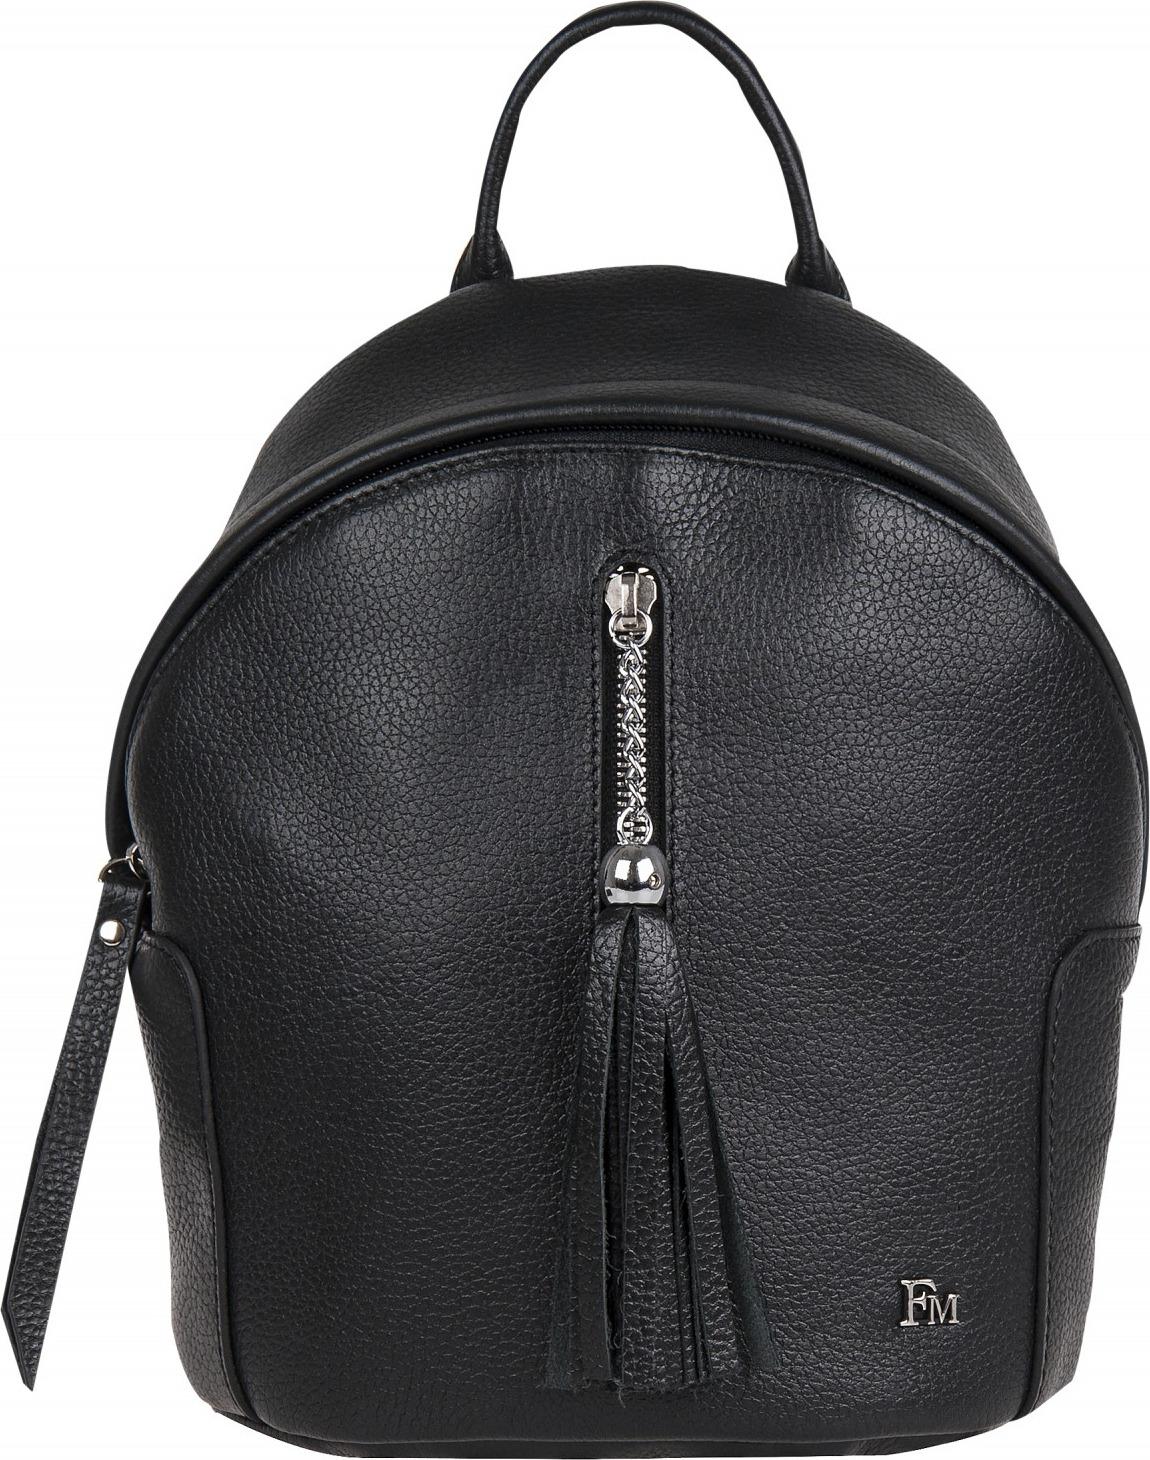 купить Рюкзак женский Franchesco Mariscotti, цвет: черный. 1-4243к-100 по цене 5509 рублей